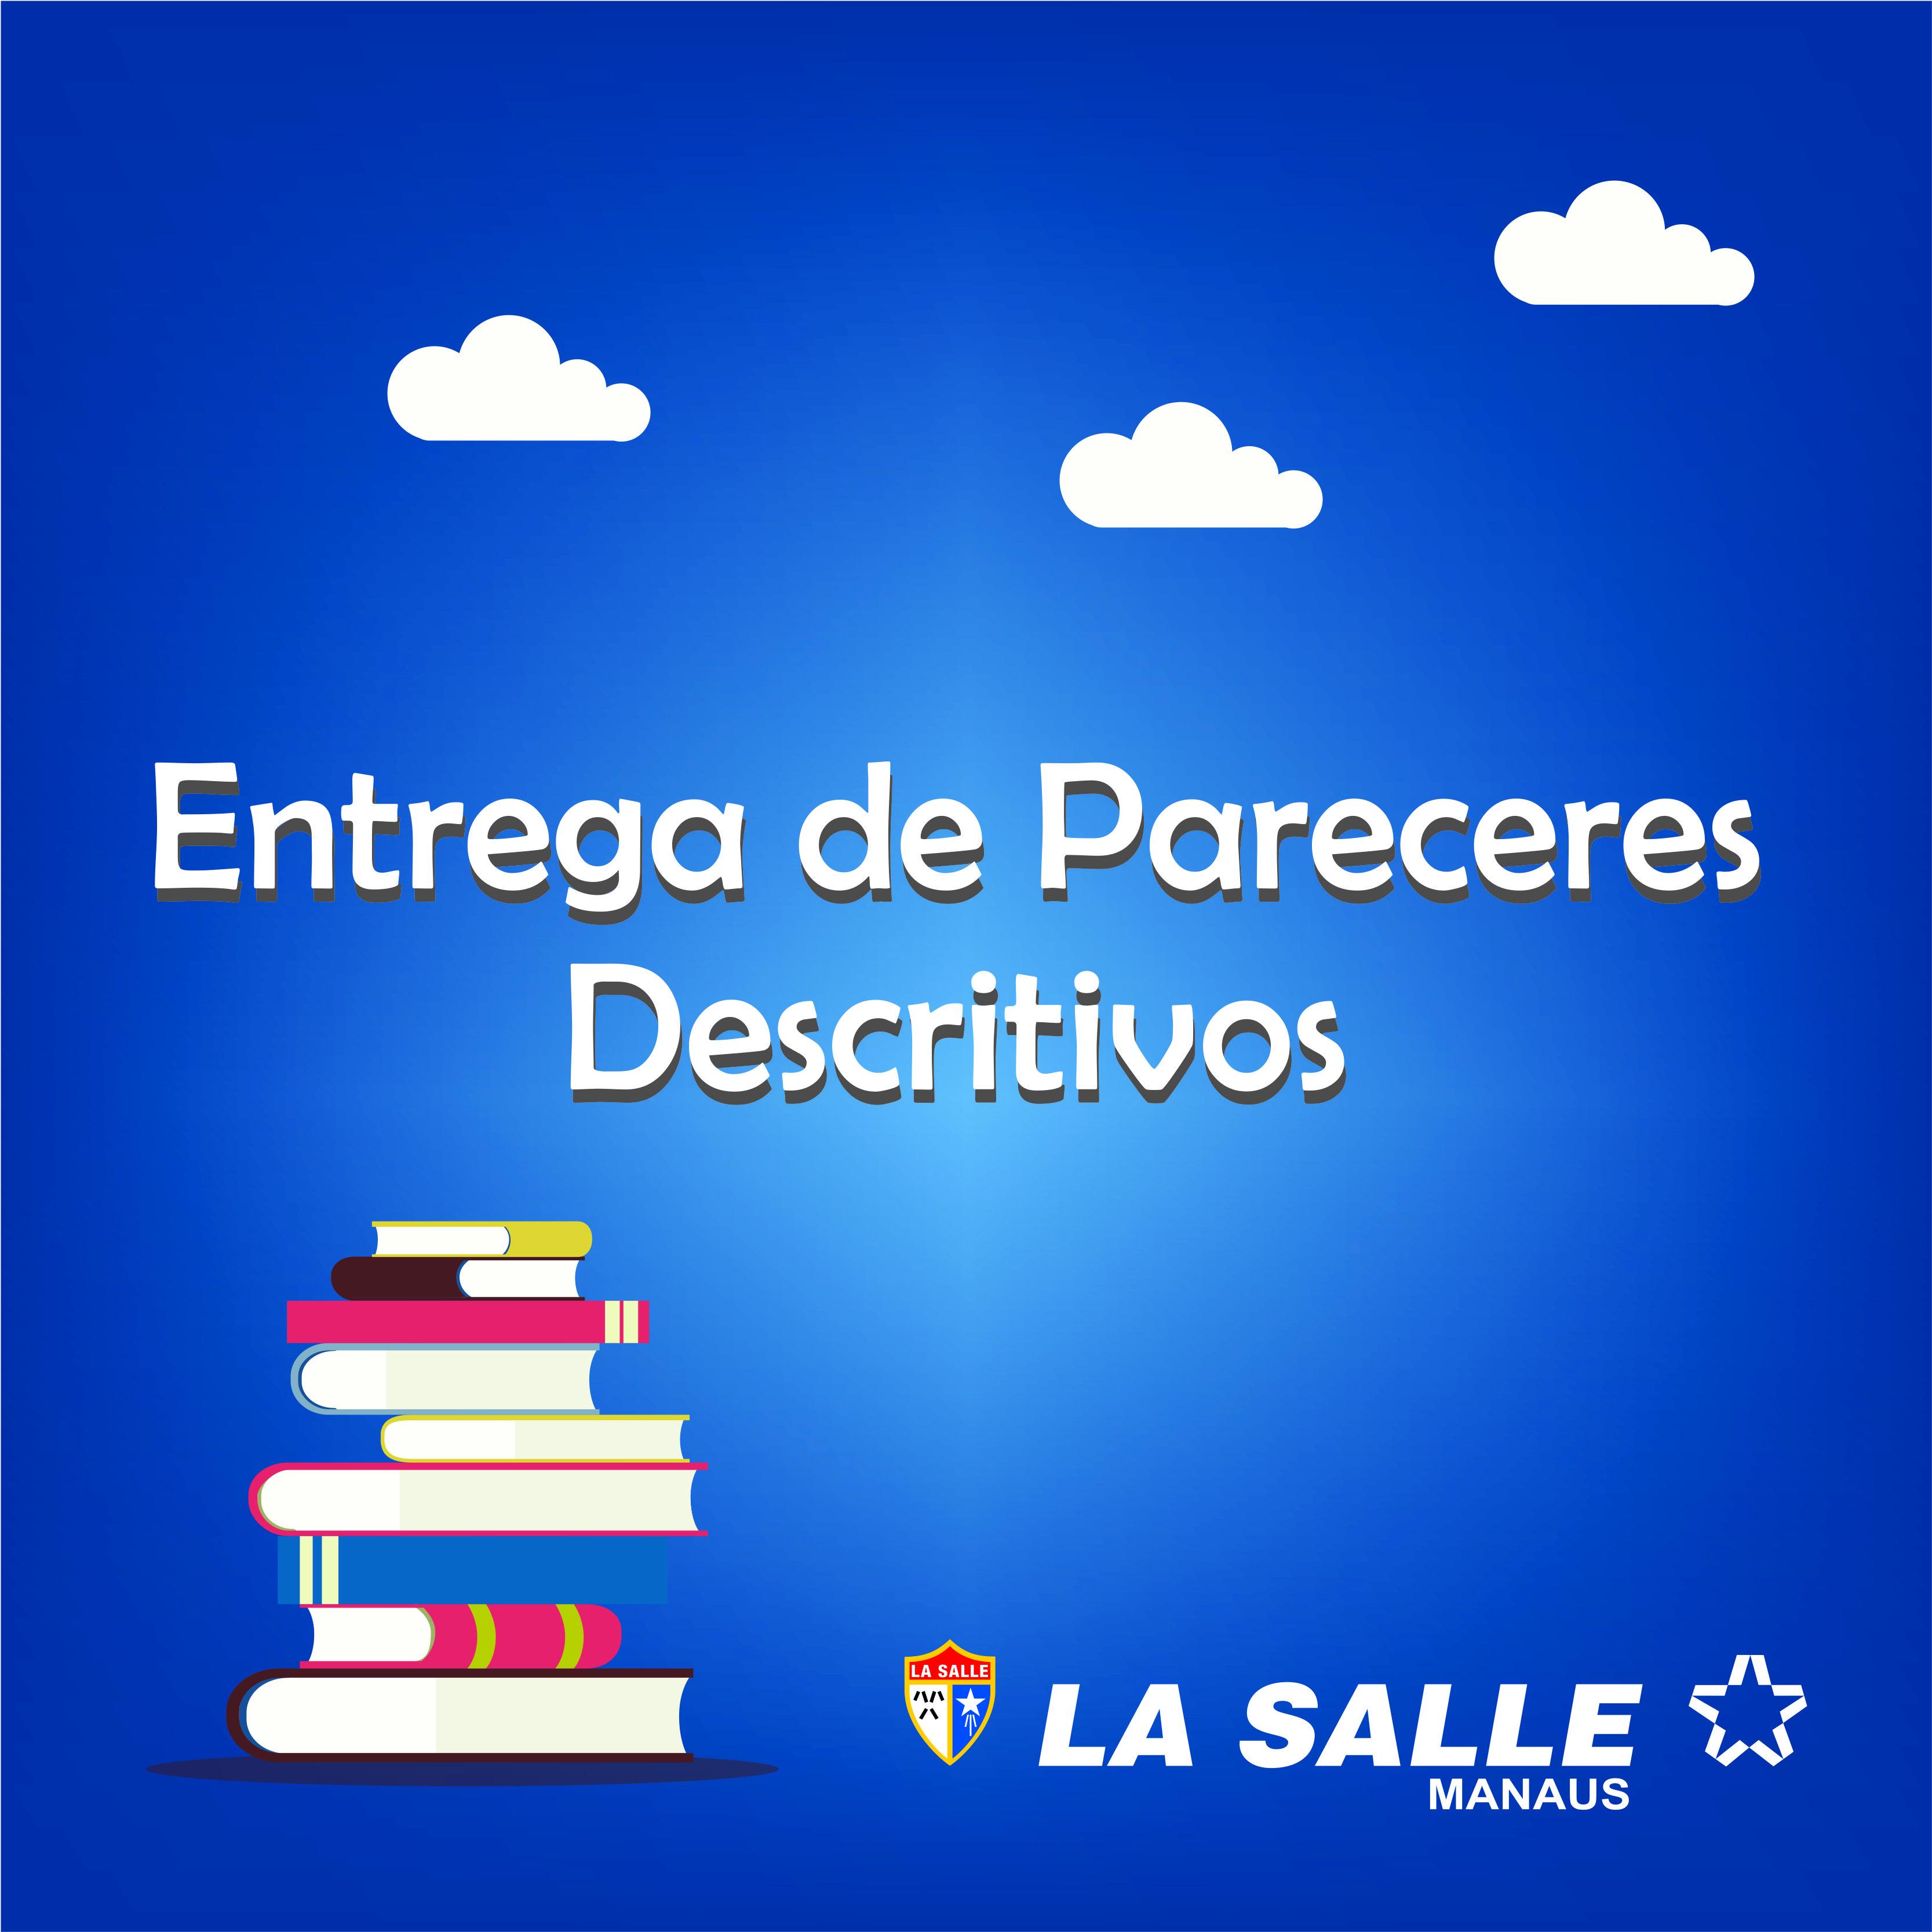 Excepcional Rede La Salle - o conhecimento emociona ZK65